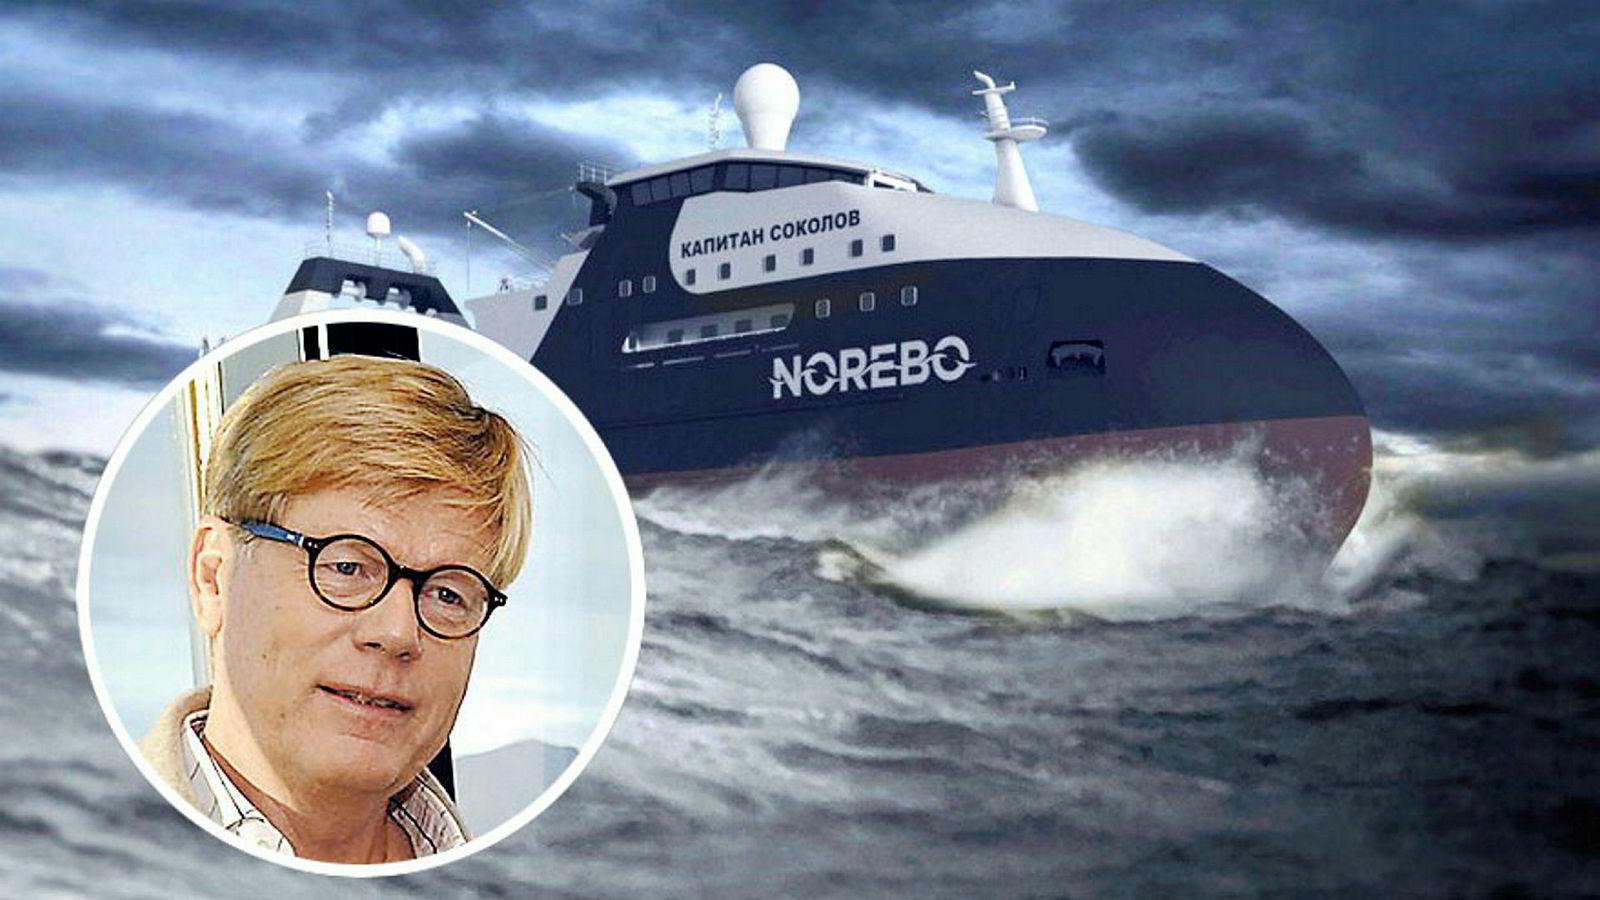 Eierskapet i fiskerigiganten Norebo står sentralt i en internasjonal rettsføljetong som involverer milliardæren Magnus Roth. Han er en betydelig investor i norsk næringsliv. Skipet «Kaptein Sokolov» skal være ferdig neste år.